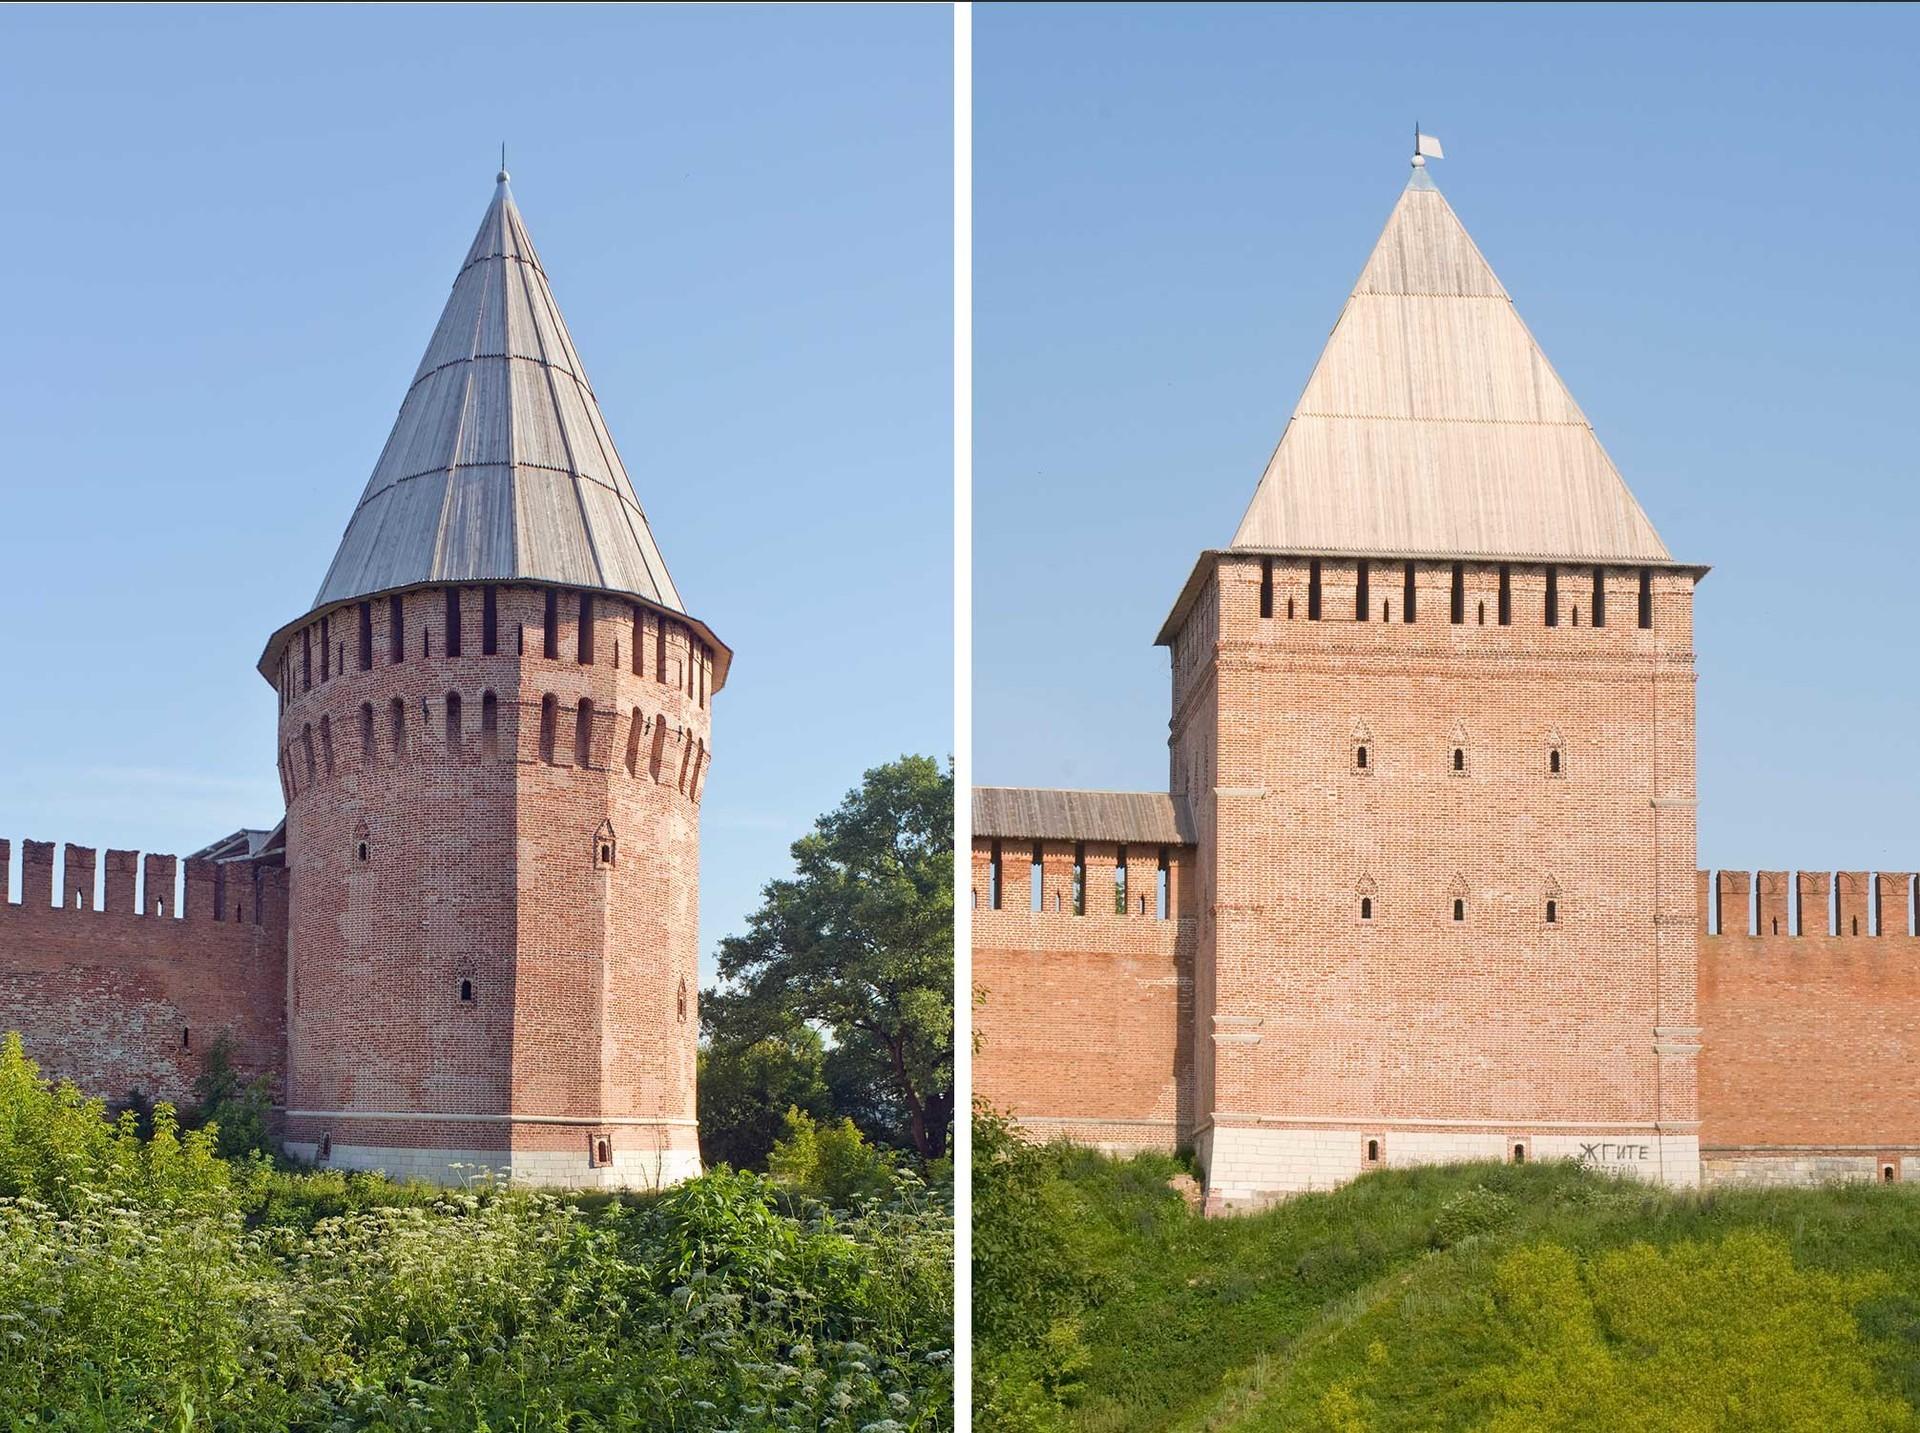 Izq: Ciudadela de Smolensk. Esquina sureste con la Torre del Altar (Beluja). Der: Ciudadela de Smolensk. Muro este con la Torre Avraami. Fachada este. 1 de julio de 2014.